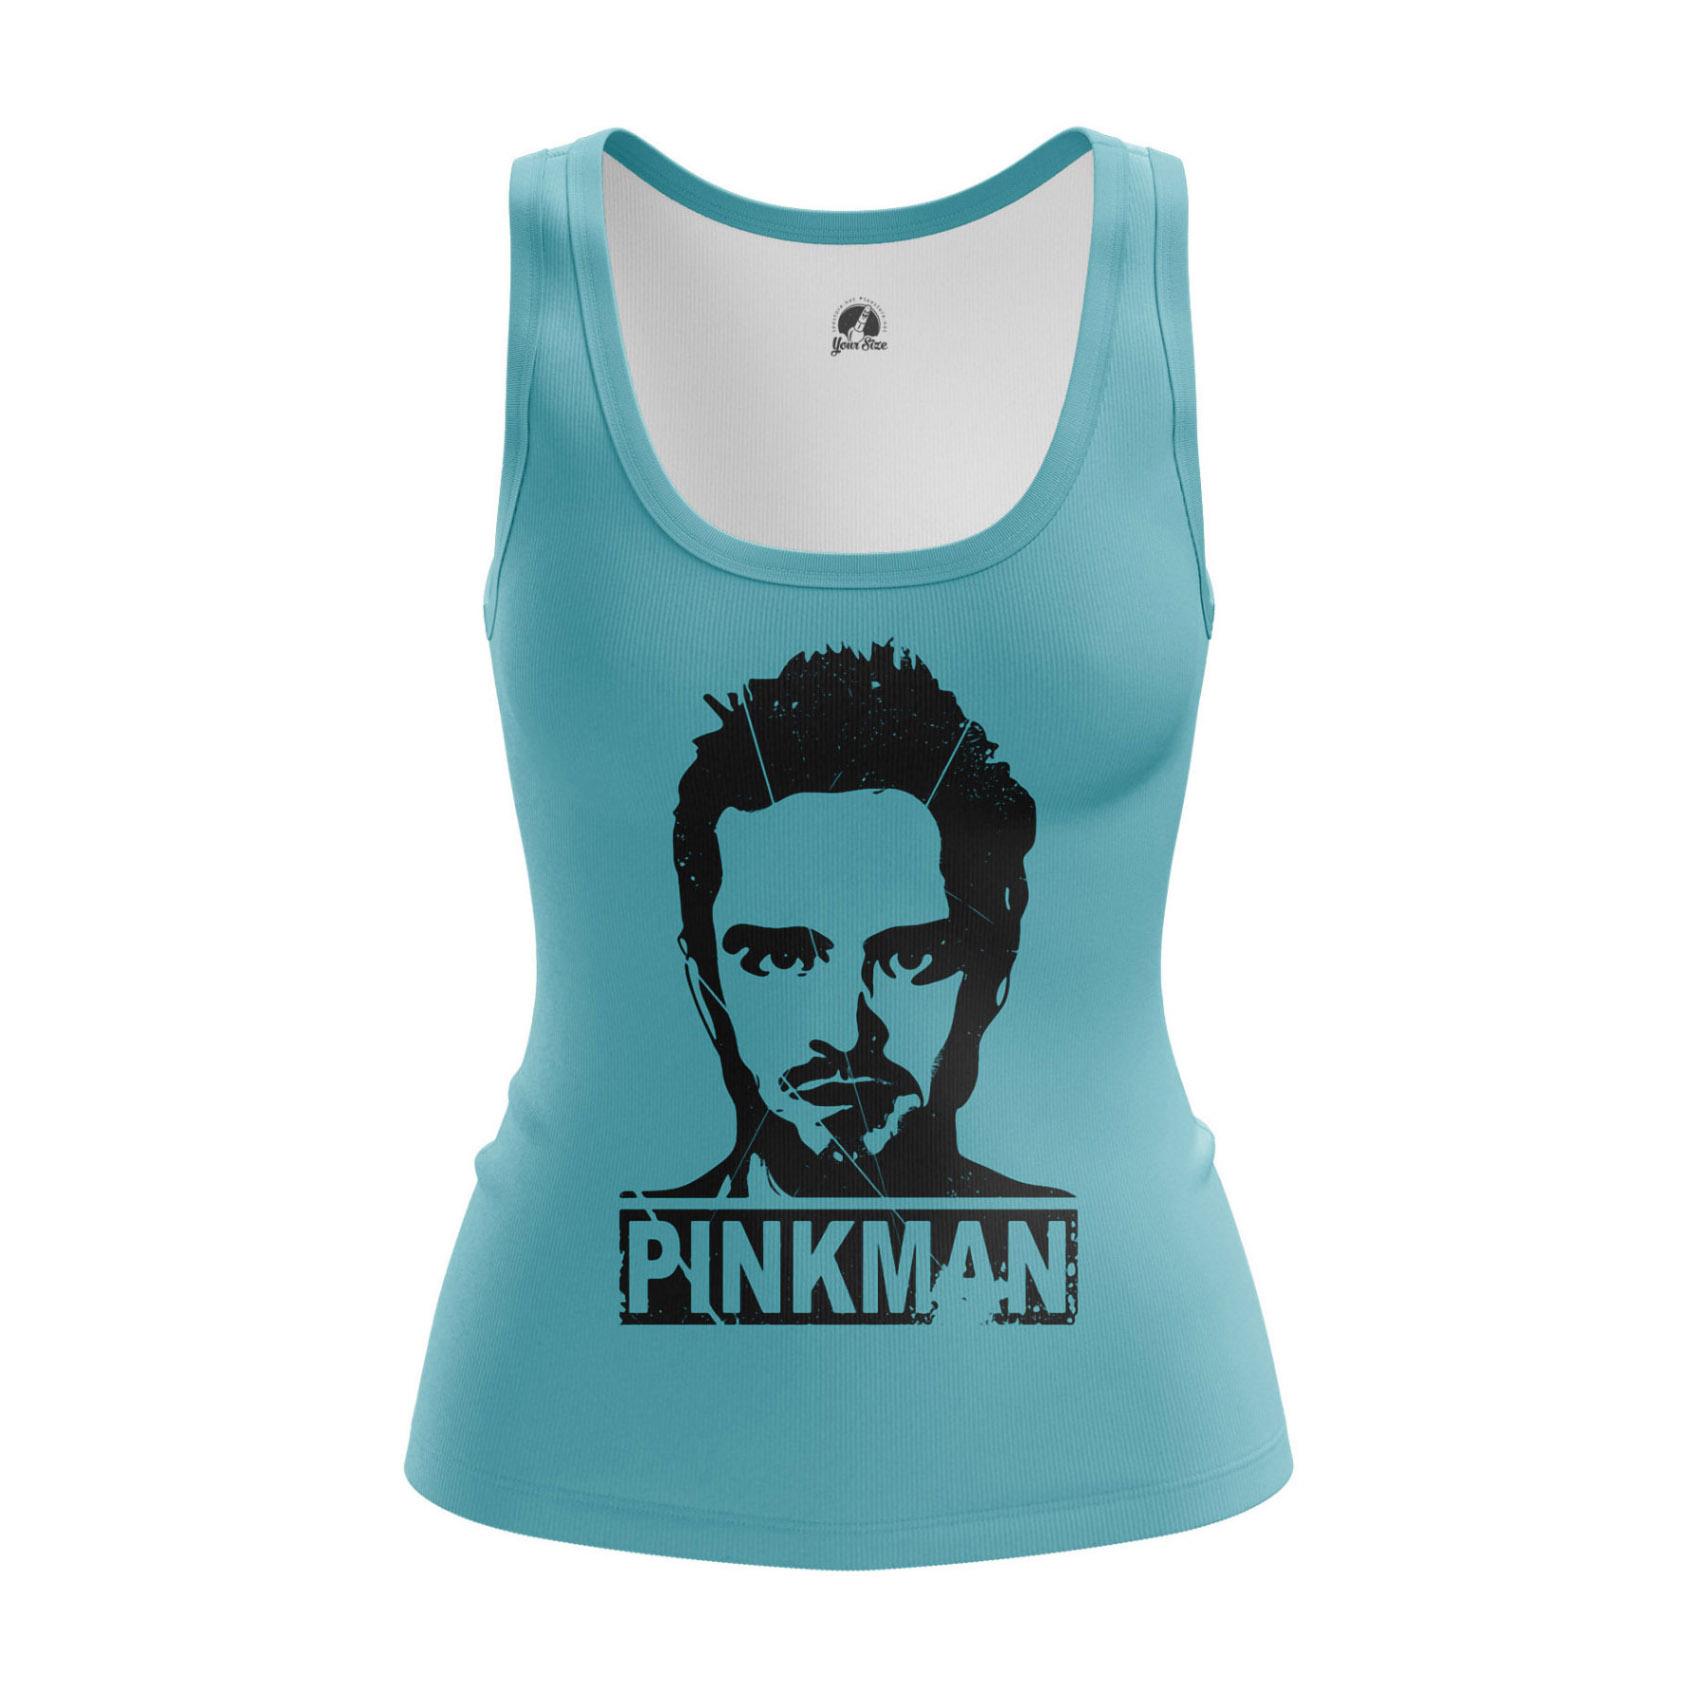 W-Tan-Pinkman_1482275401_479